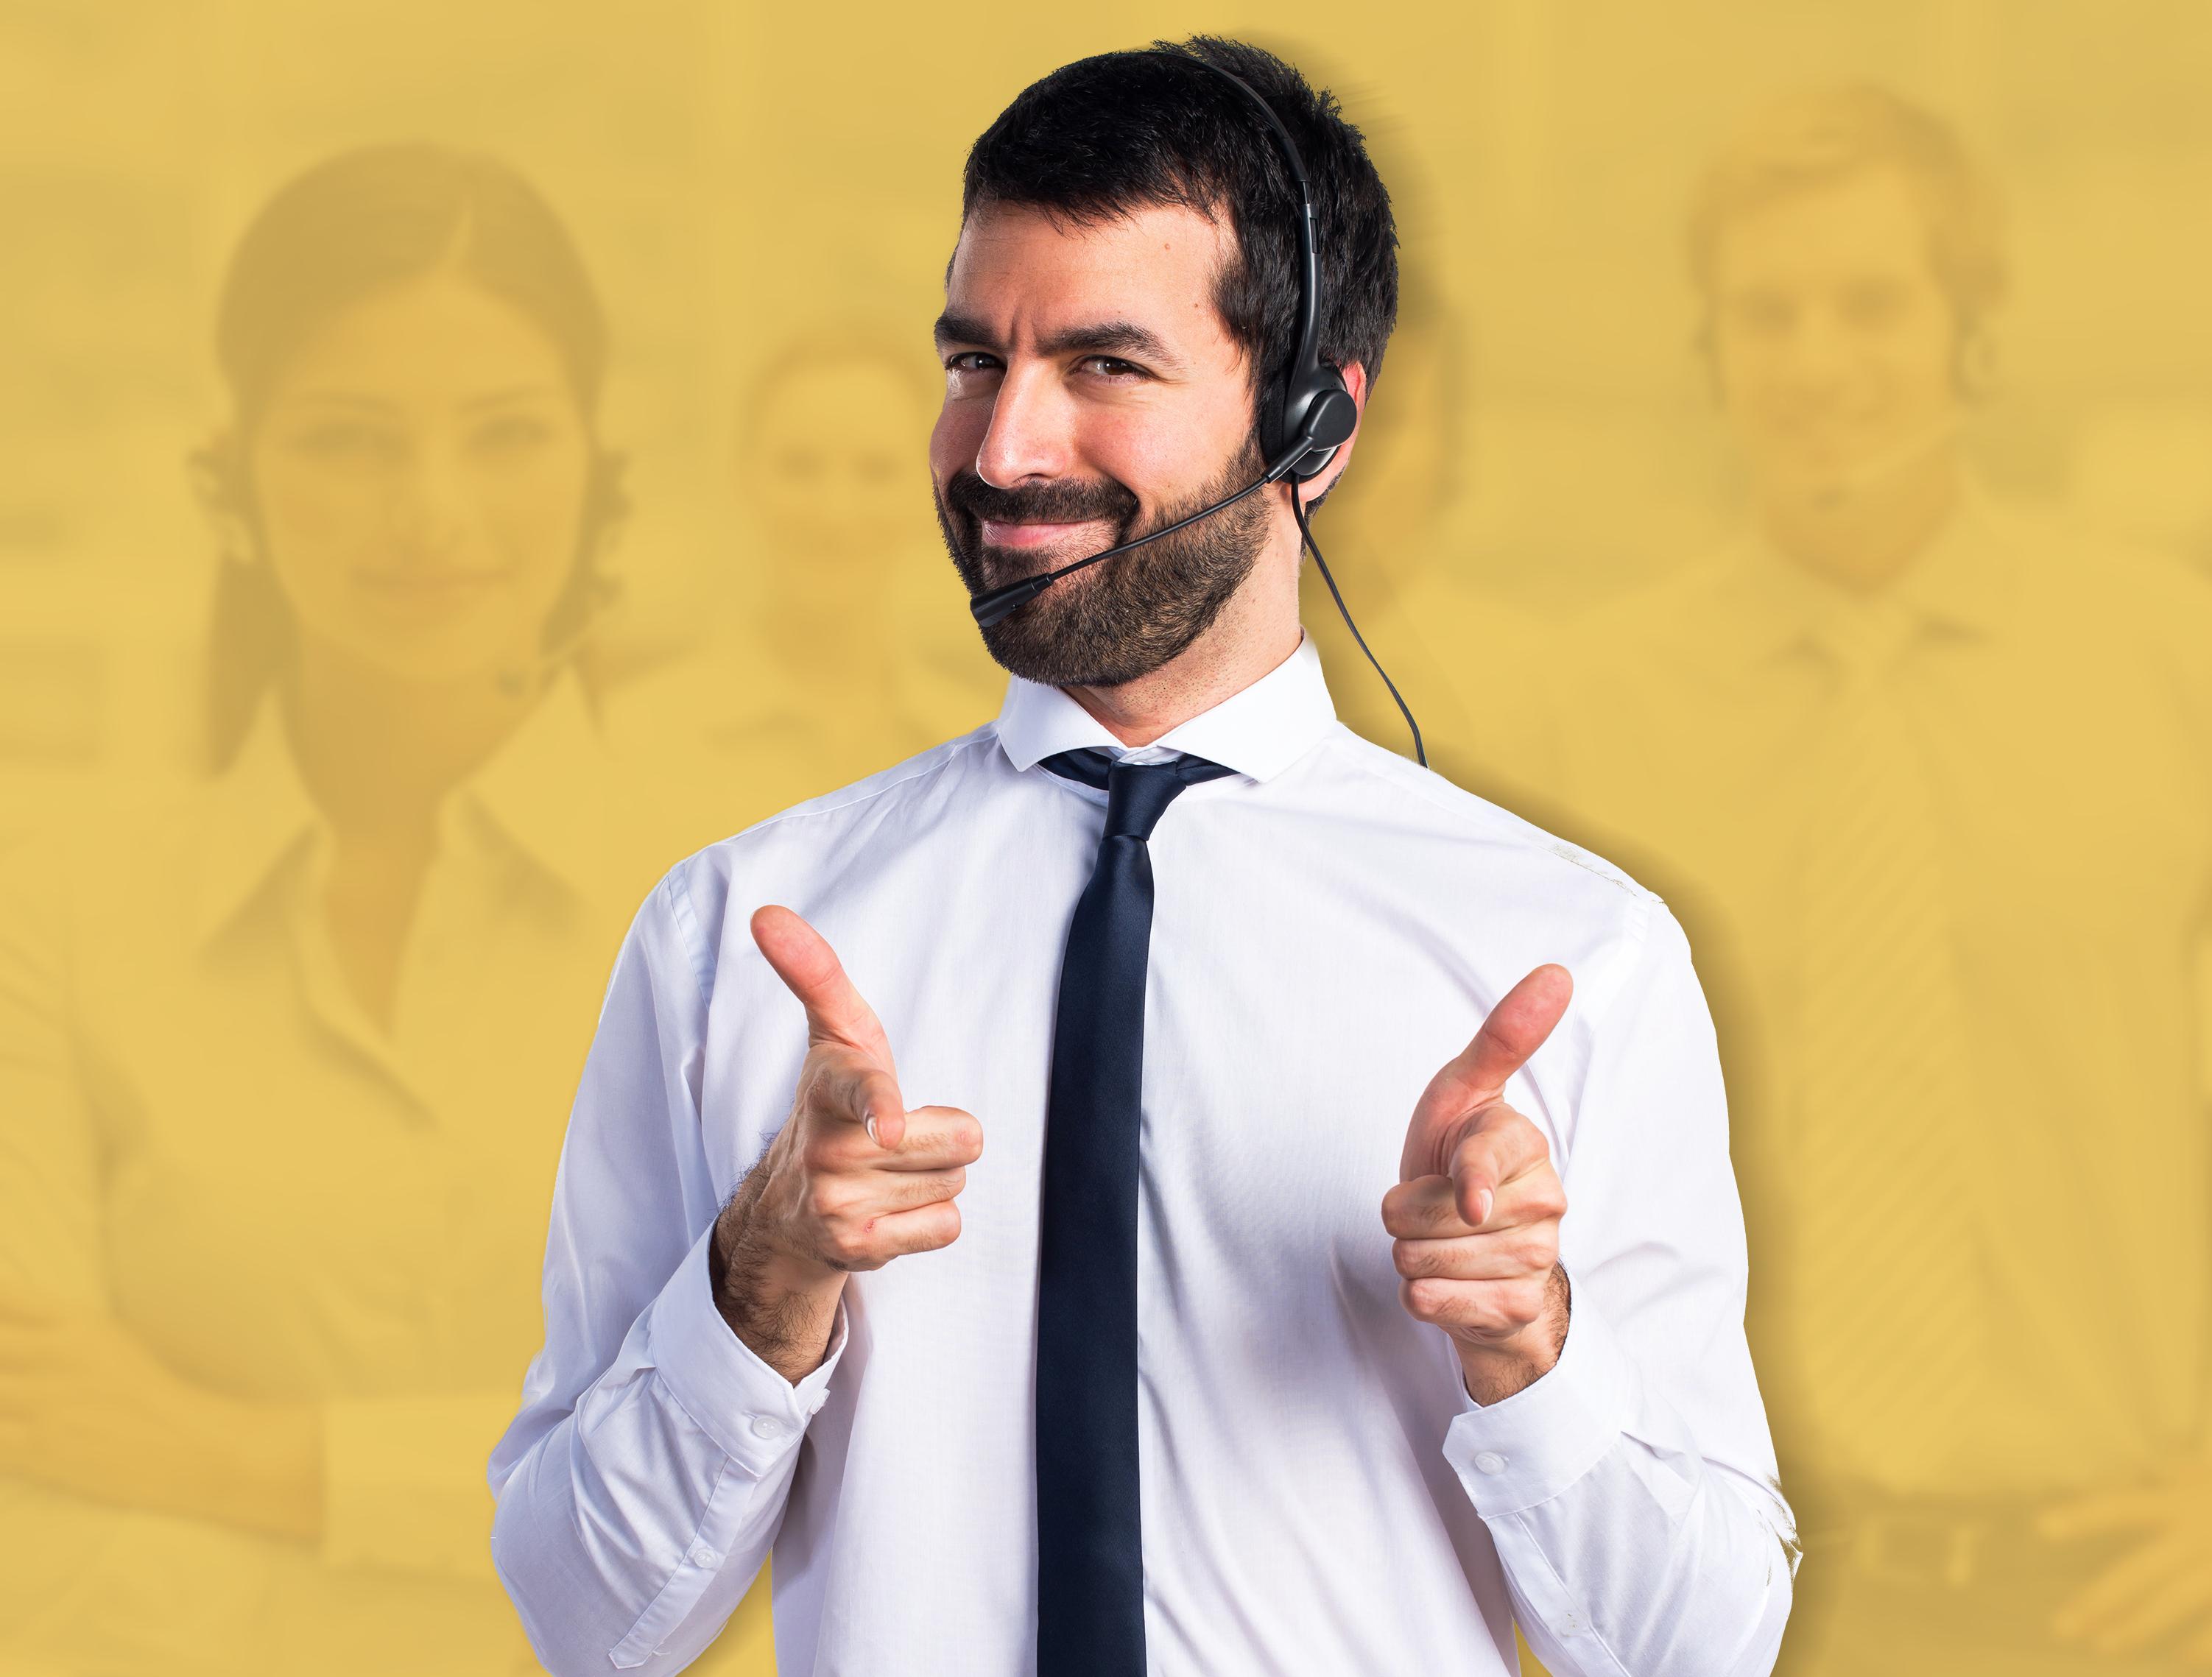 Vendas por Telefone: 5 Técnicas Infalíveis para sua empresa conquistar mais clientes